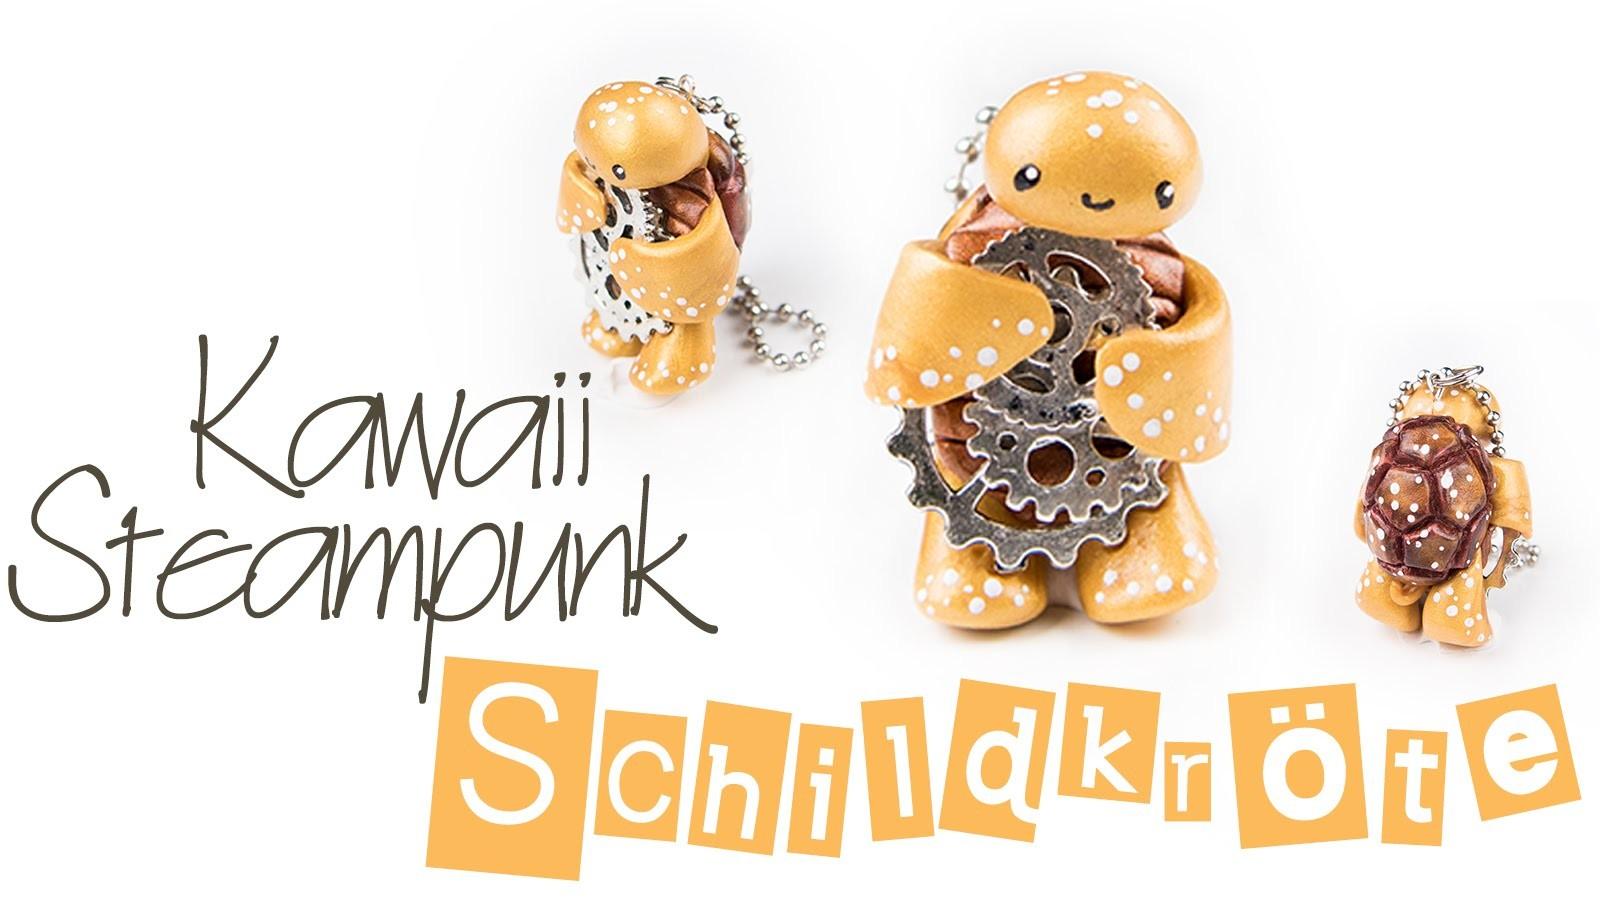 [FIMO Tutorial] Kawaii Steampunk Schildkröte | Anhänger mit Polymer Clay | DEUTSCH